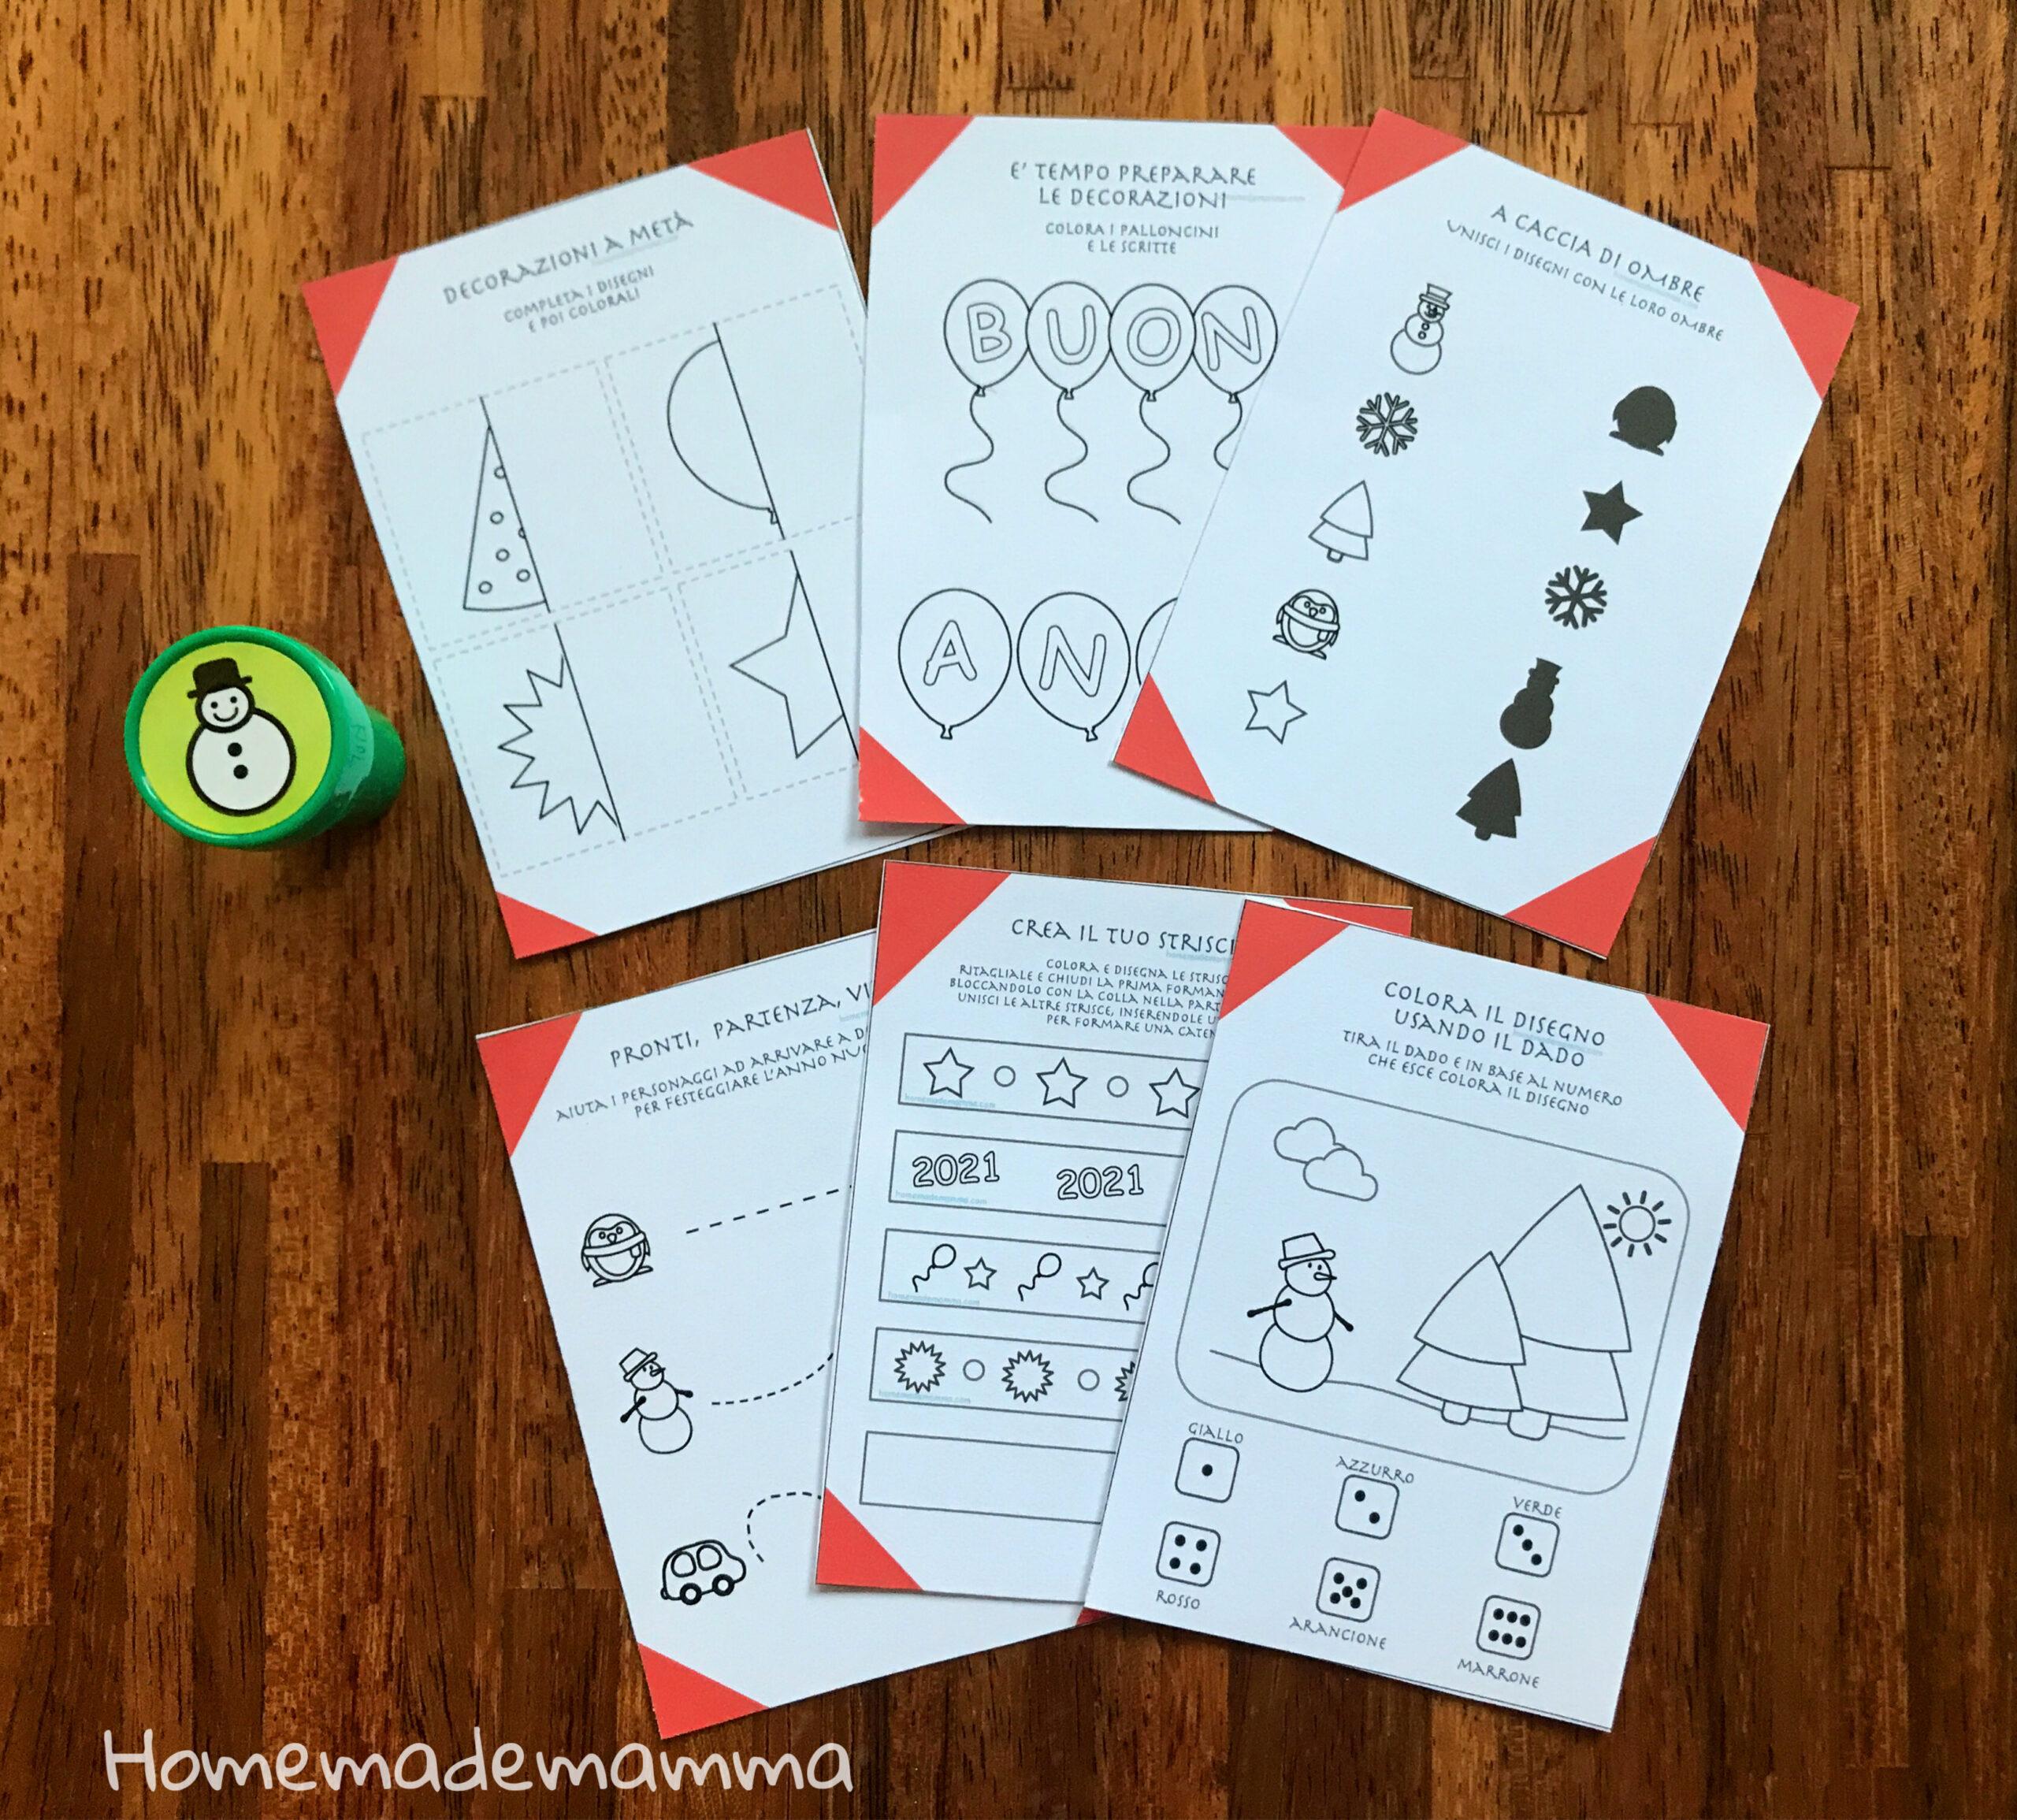 attività e giochi disegni da colorare bambini capodanno da stampare